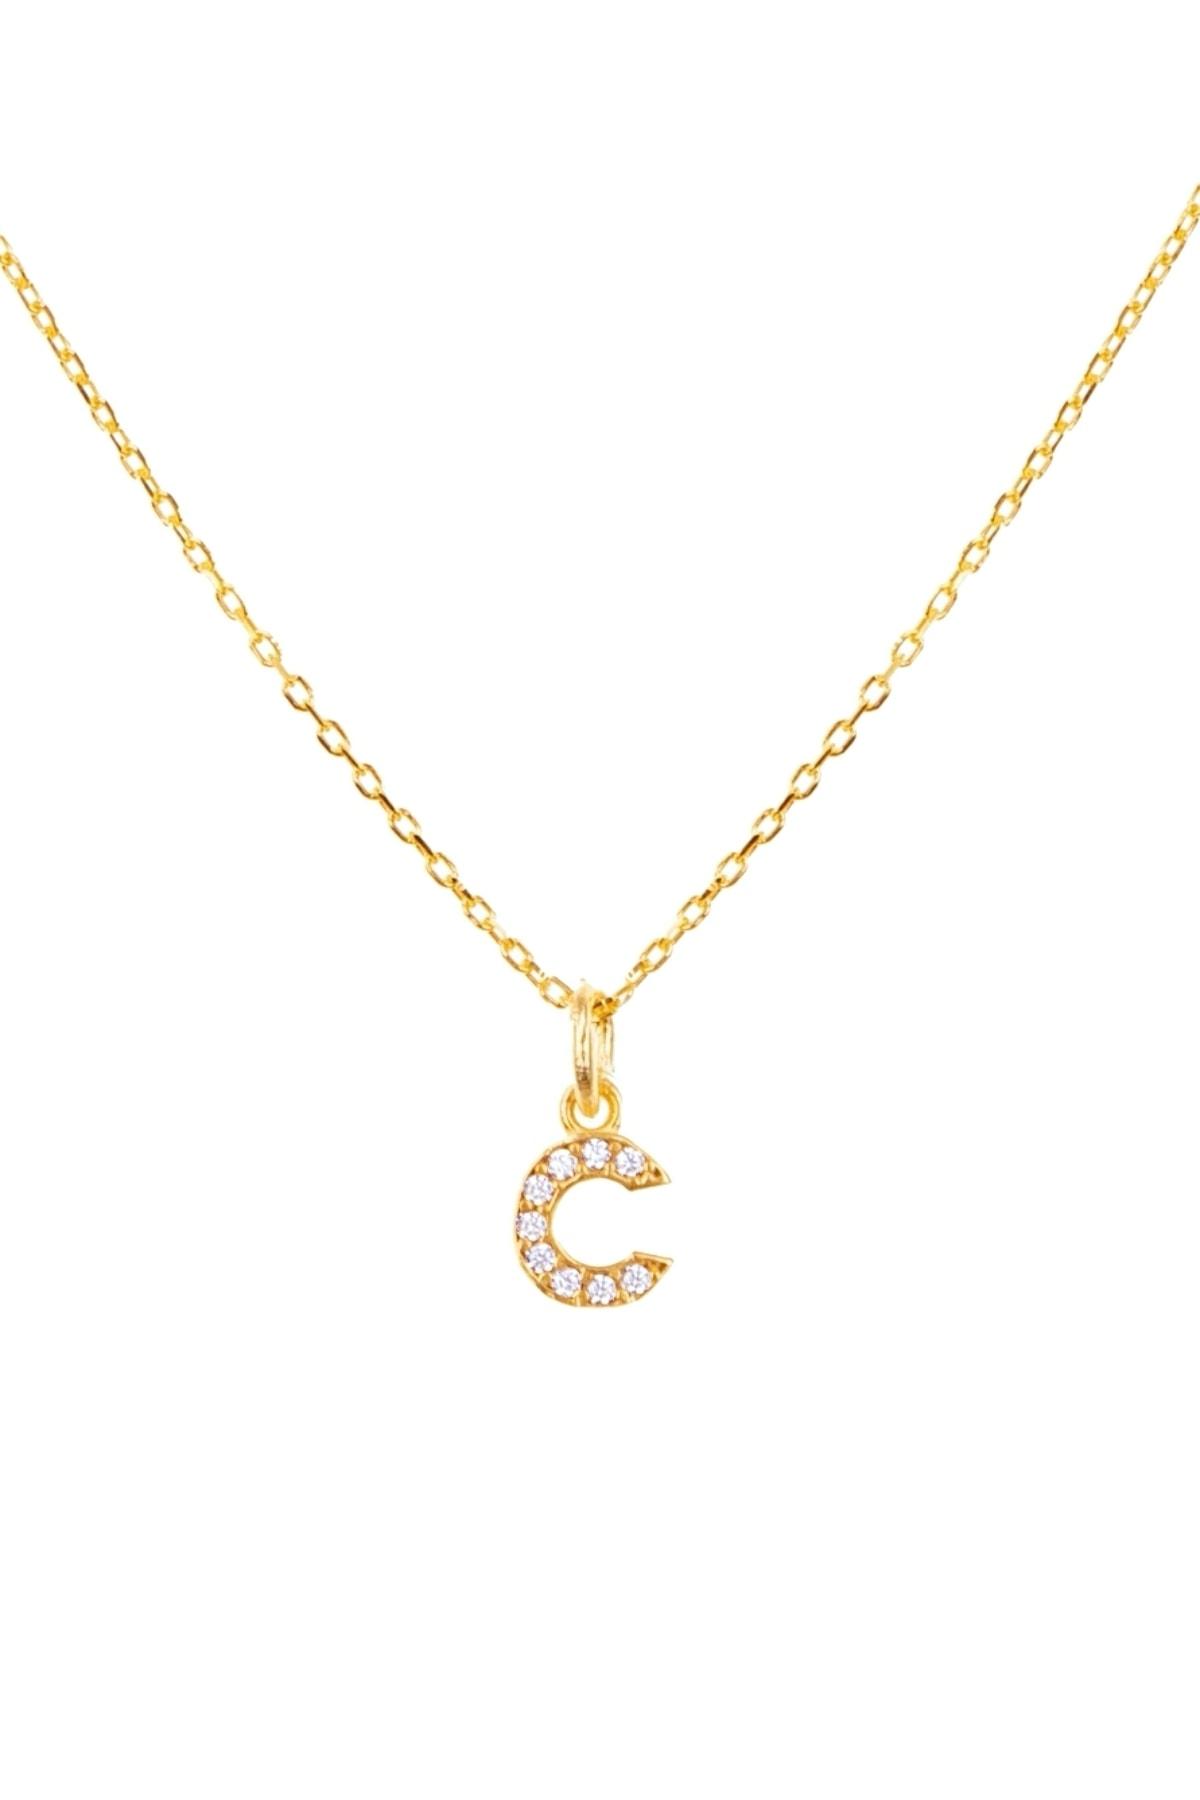 C Harfi Altın Kaplamalı Gümüş Kolye - N157501